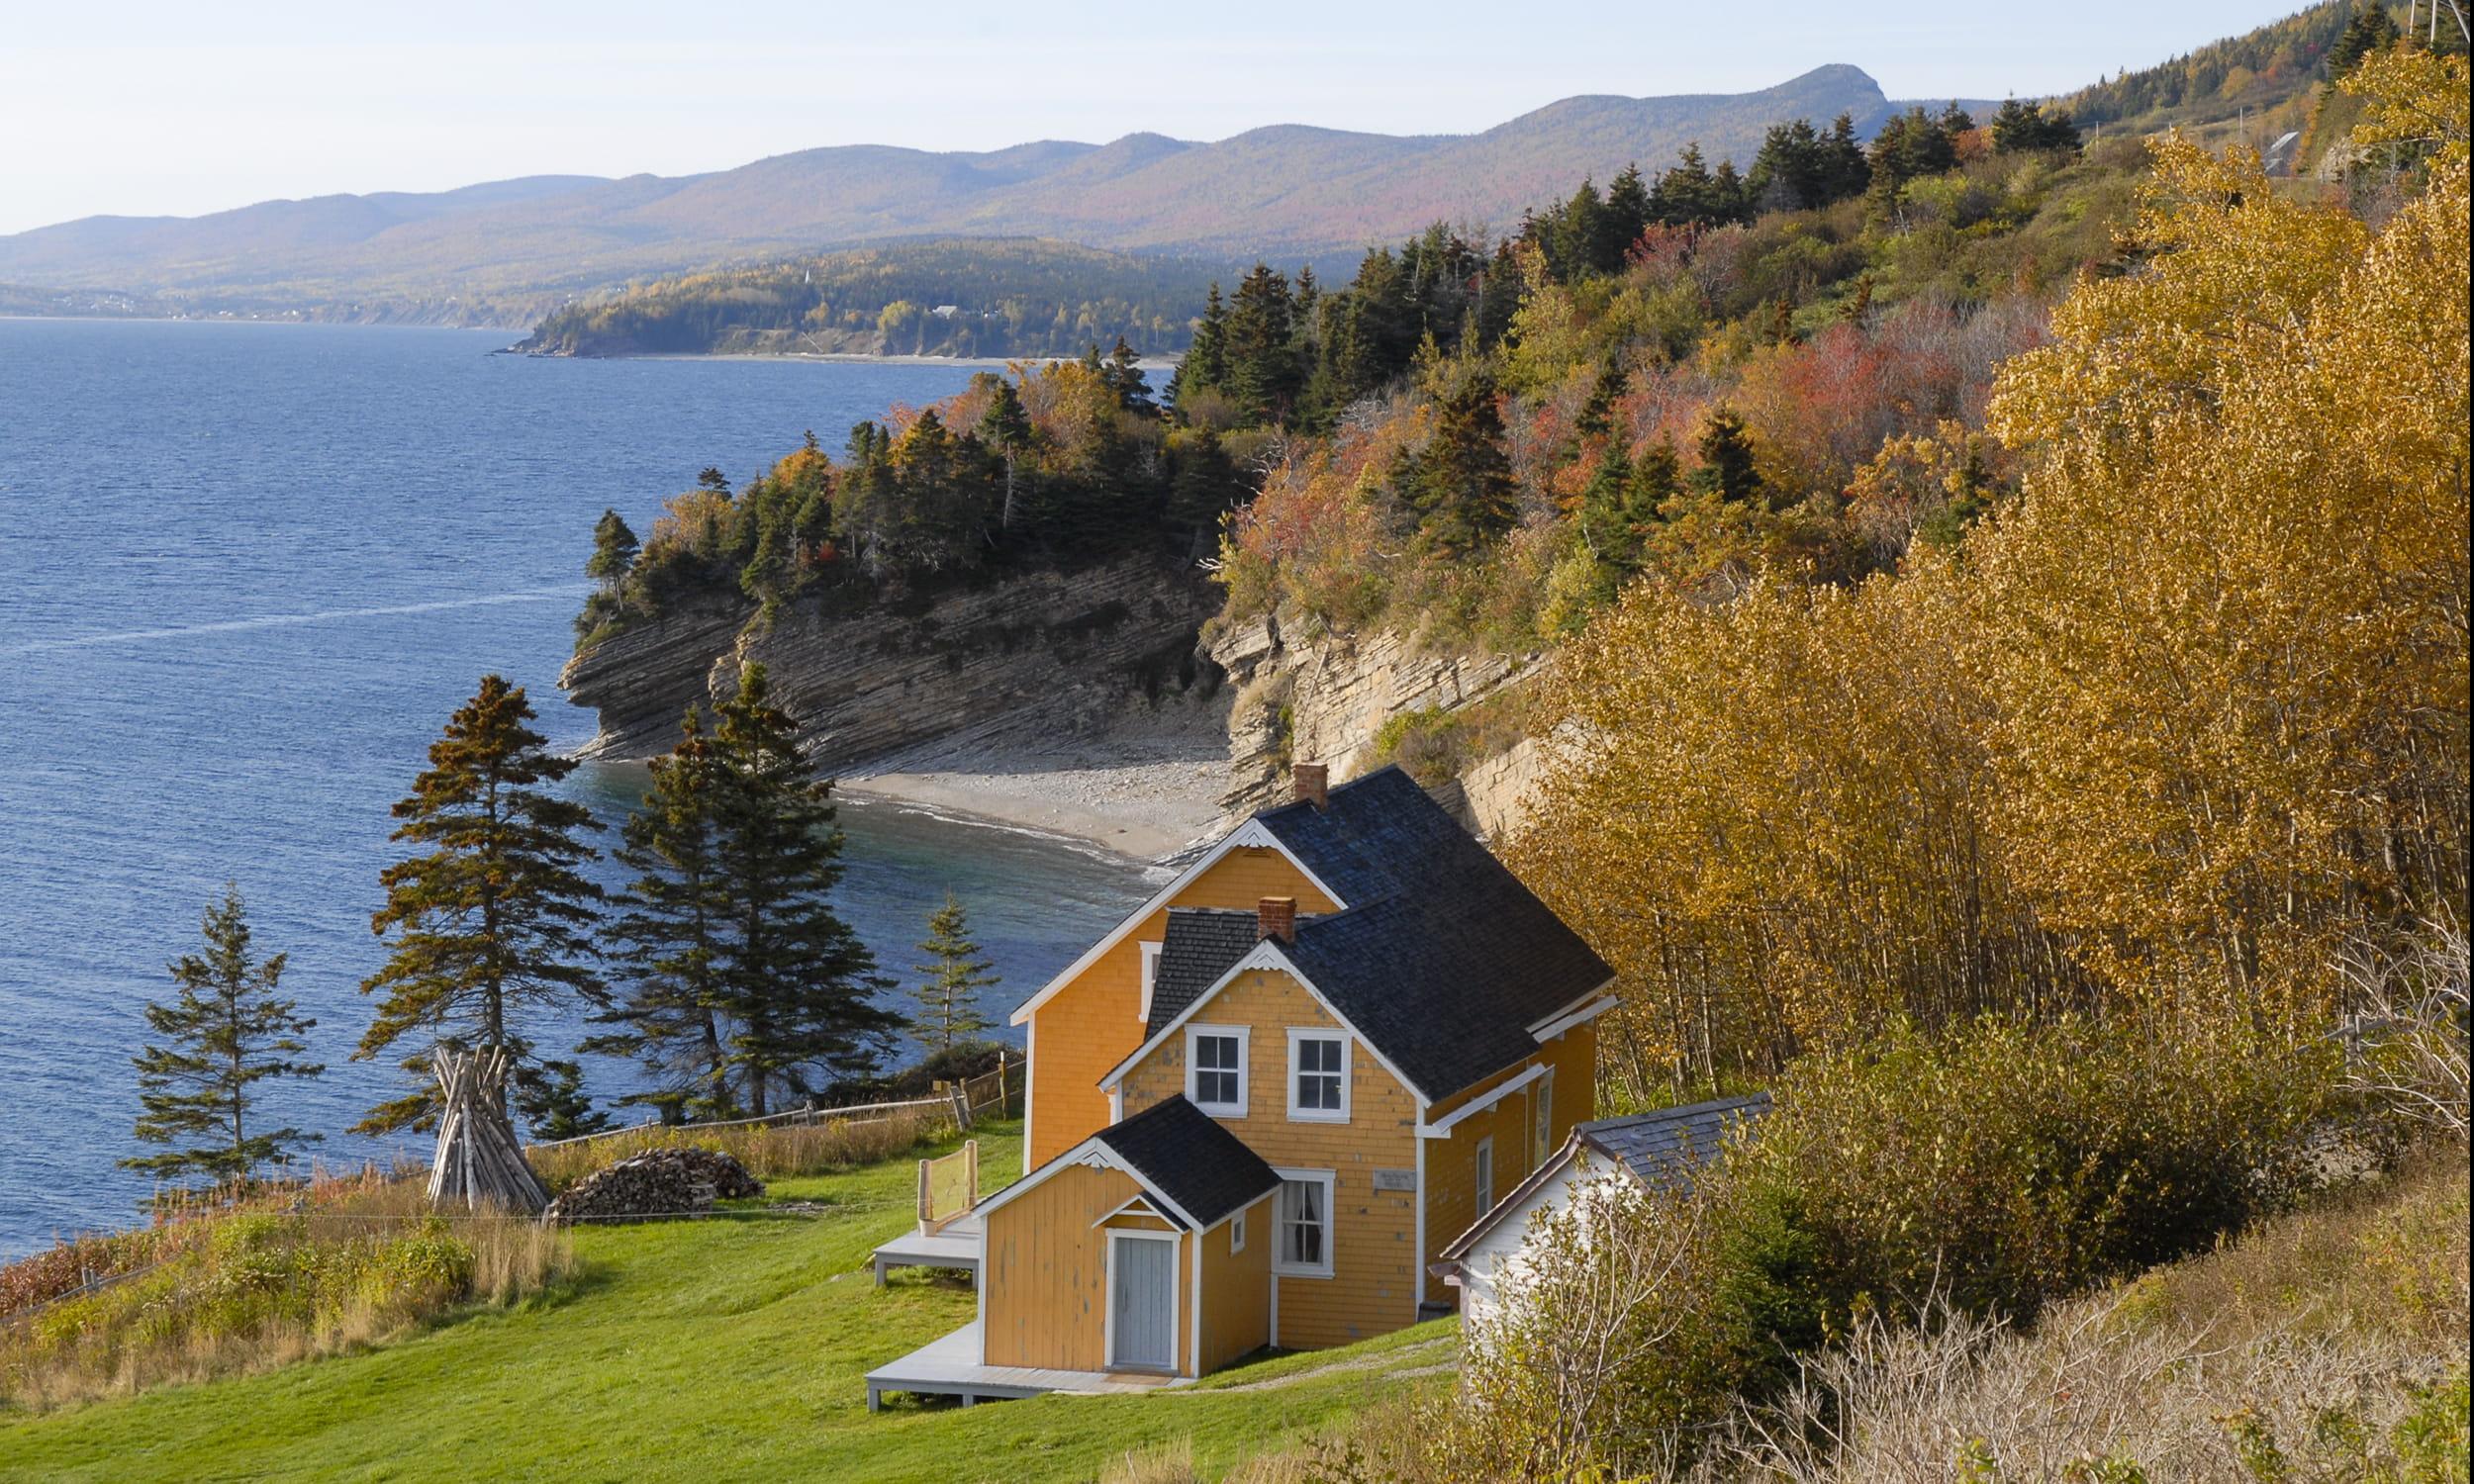 ma maison au canada une vie de voyages avec antoine linternaute - Photo De Maison Au Canada